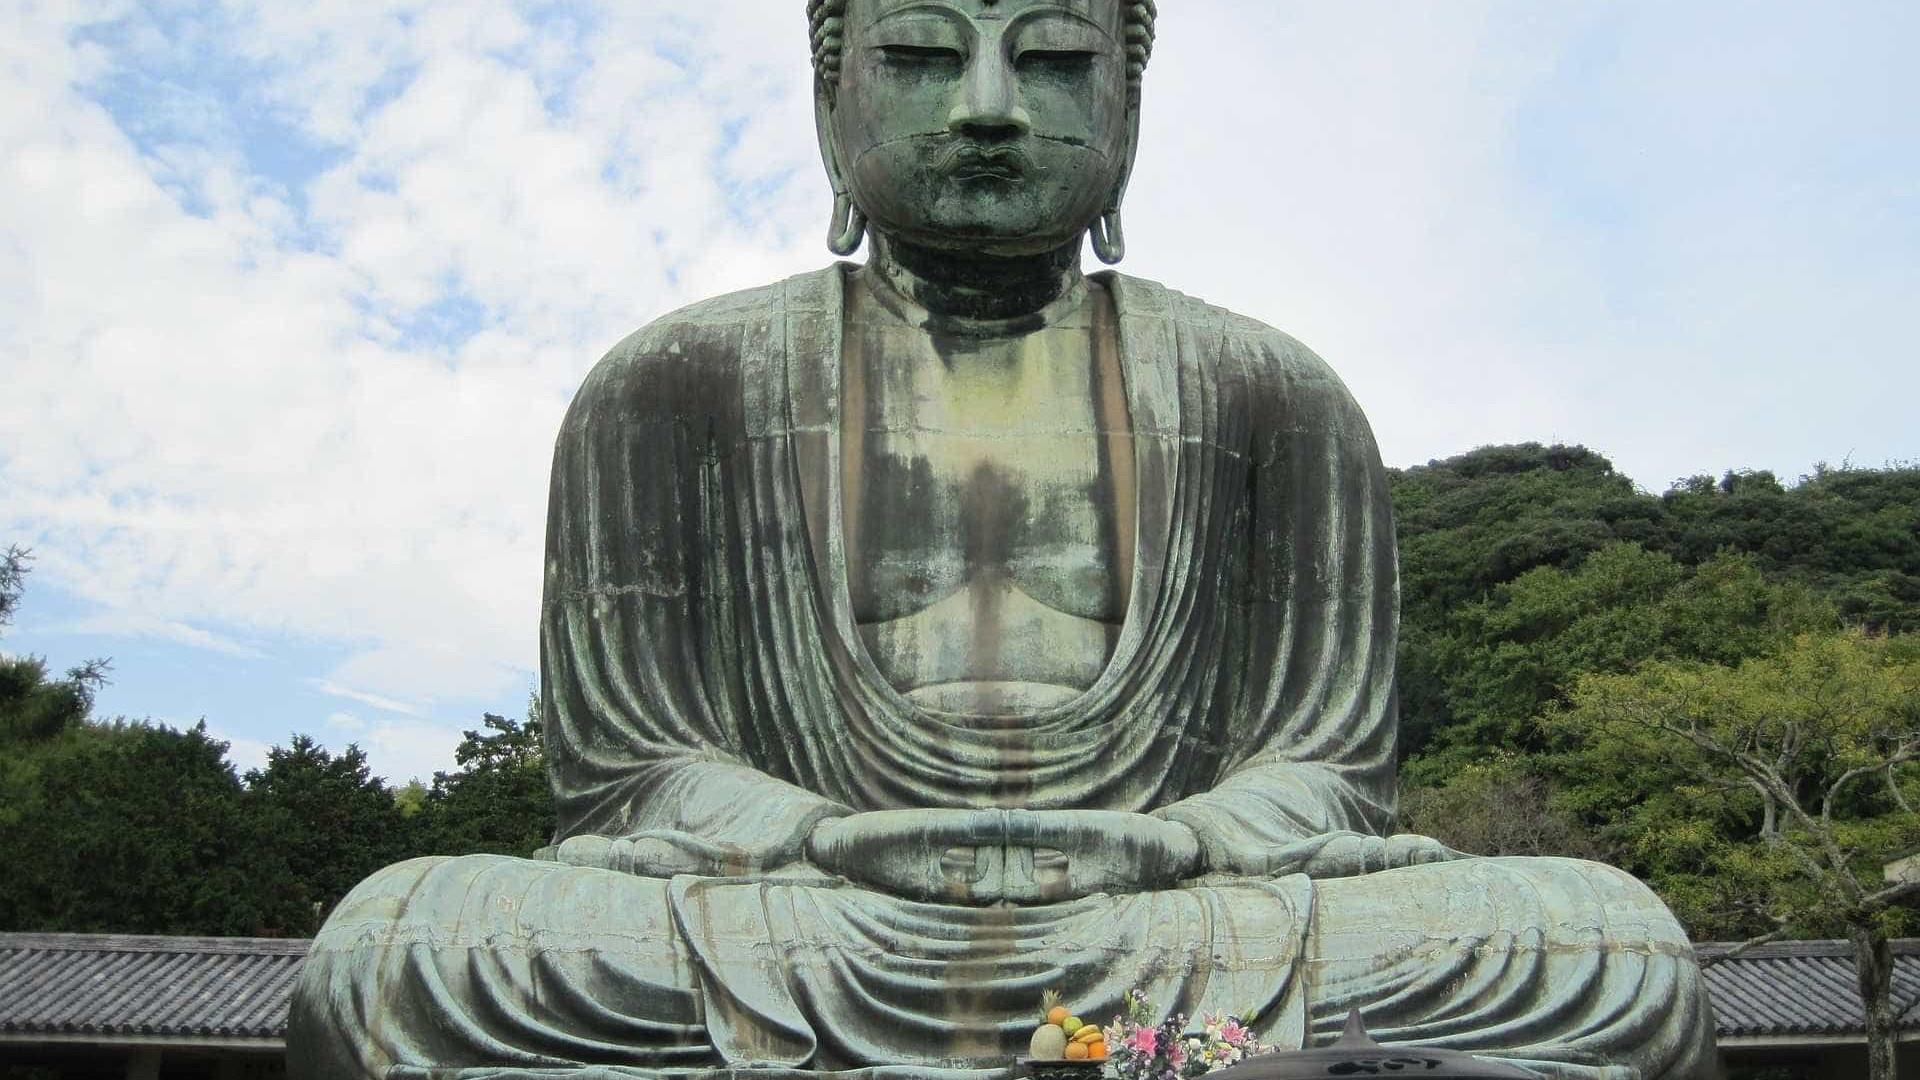 Mulher detida no Sri Lanka por ter tatuagem de Buda vai ser indemnizada